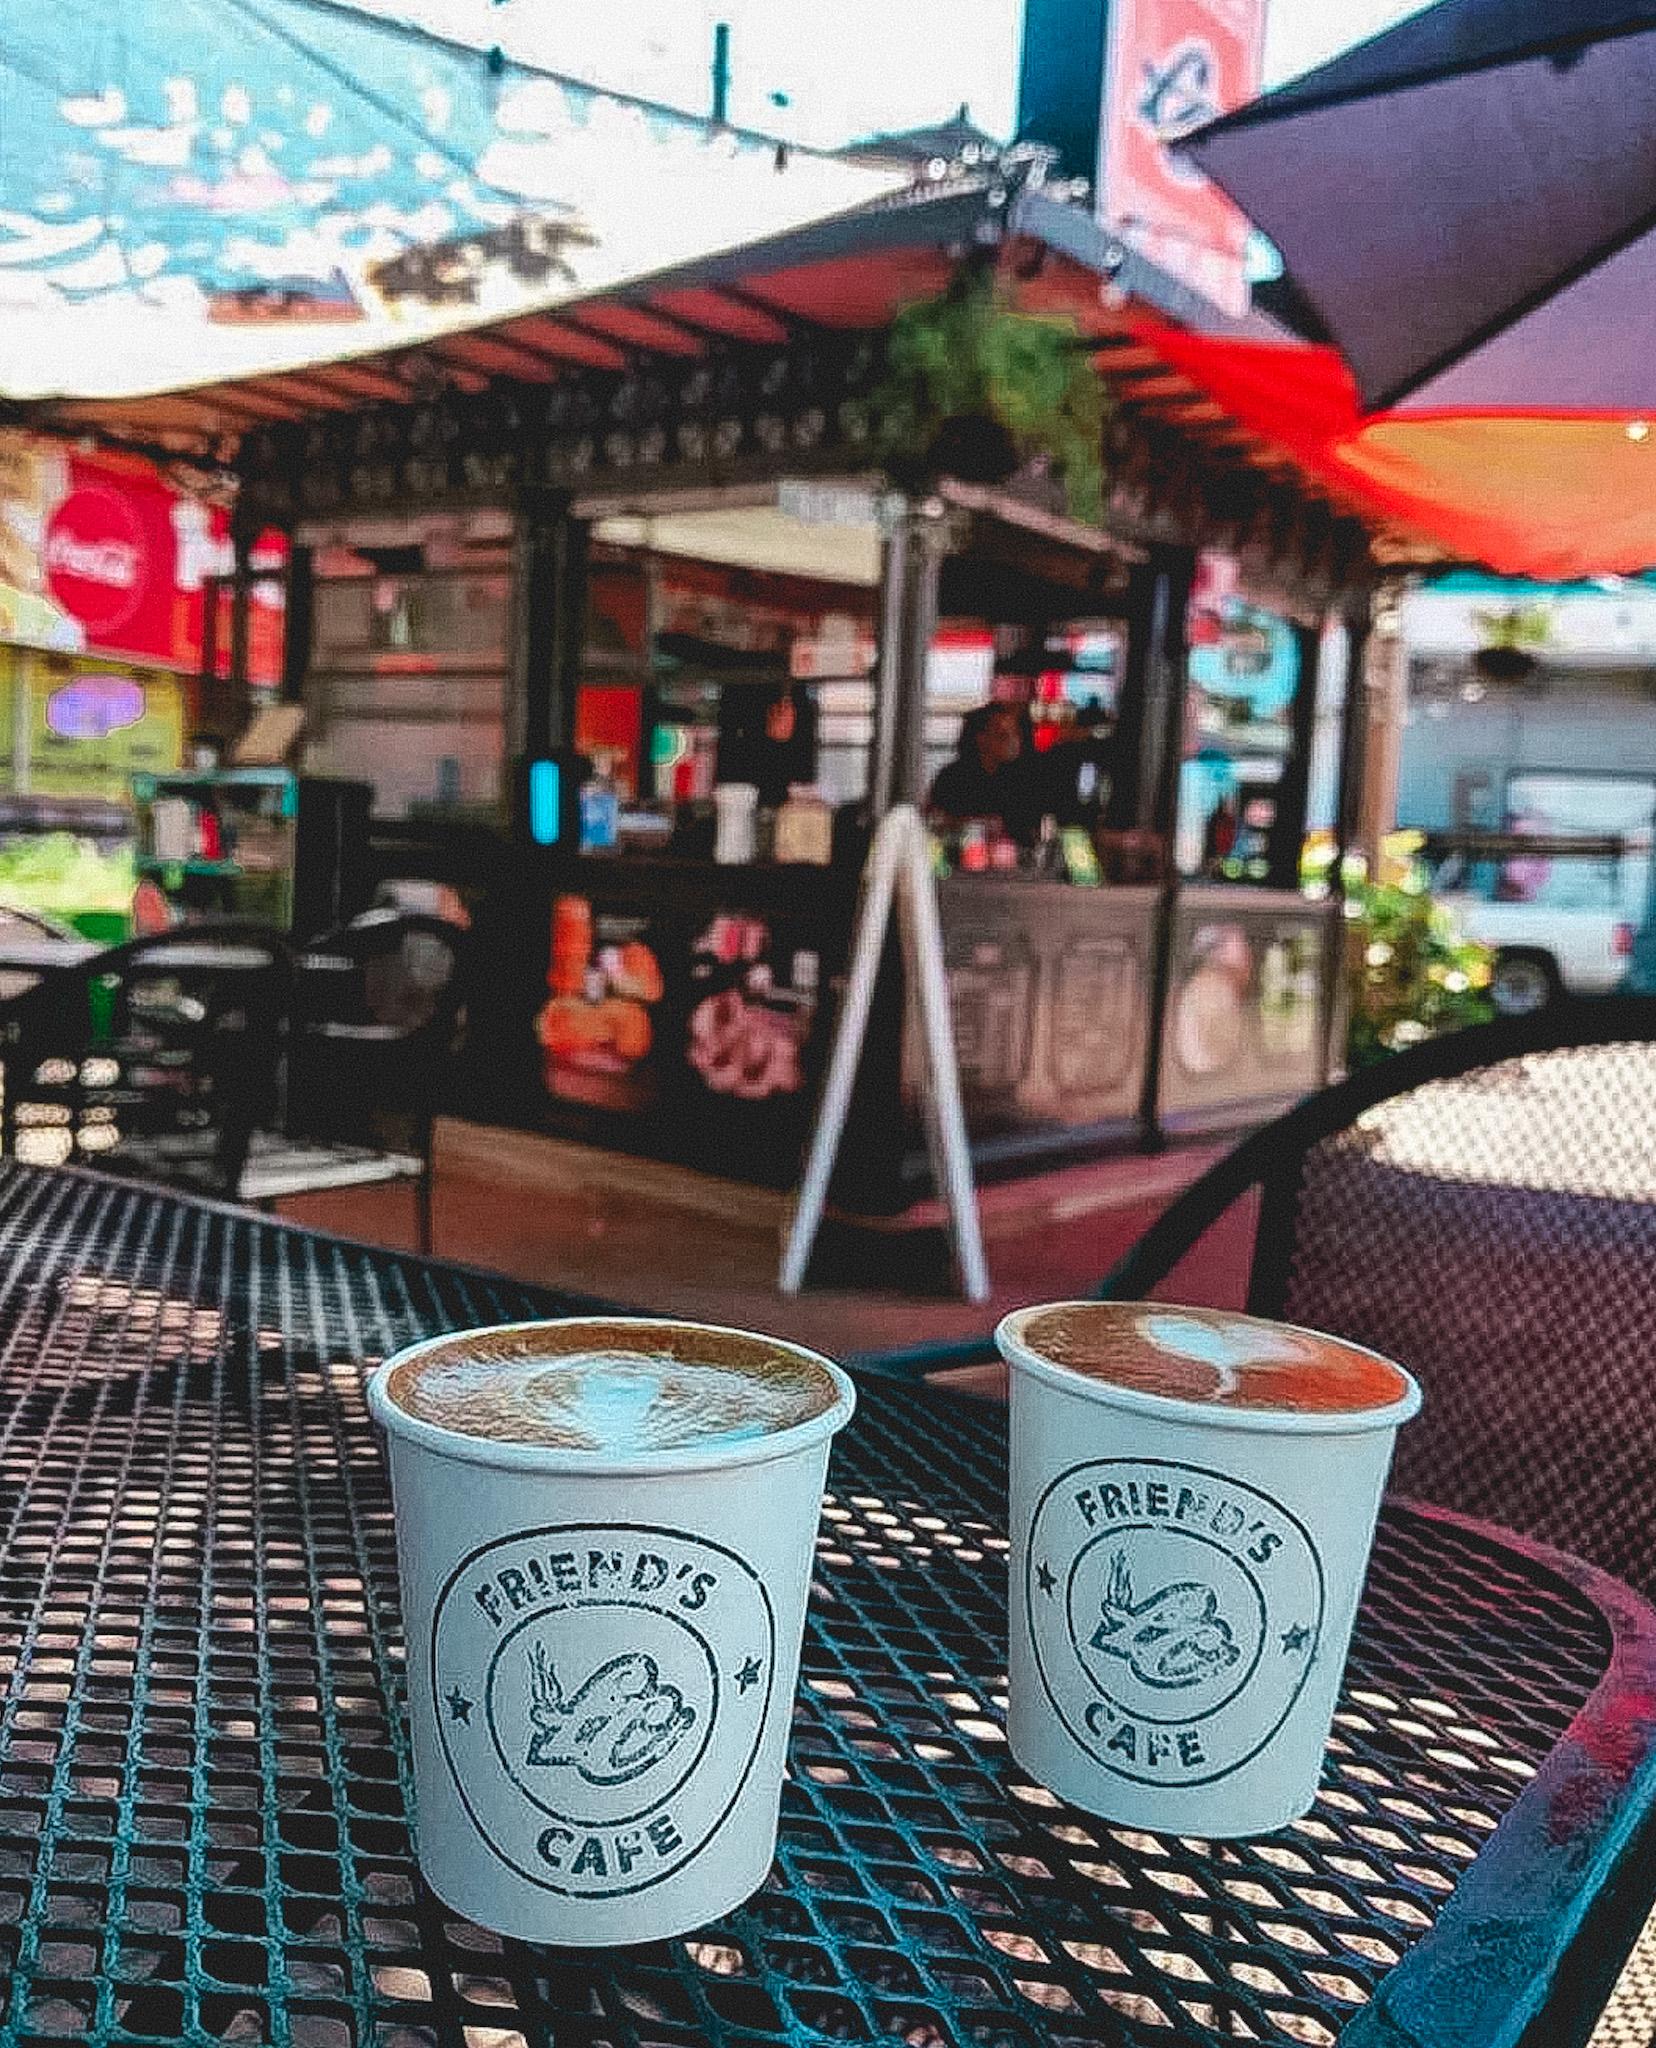 Friend's Café, Rincón, Puerto Rico, Plaza, Coffee